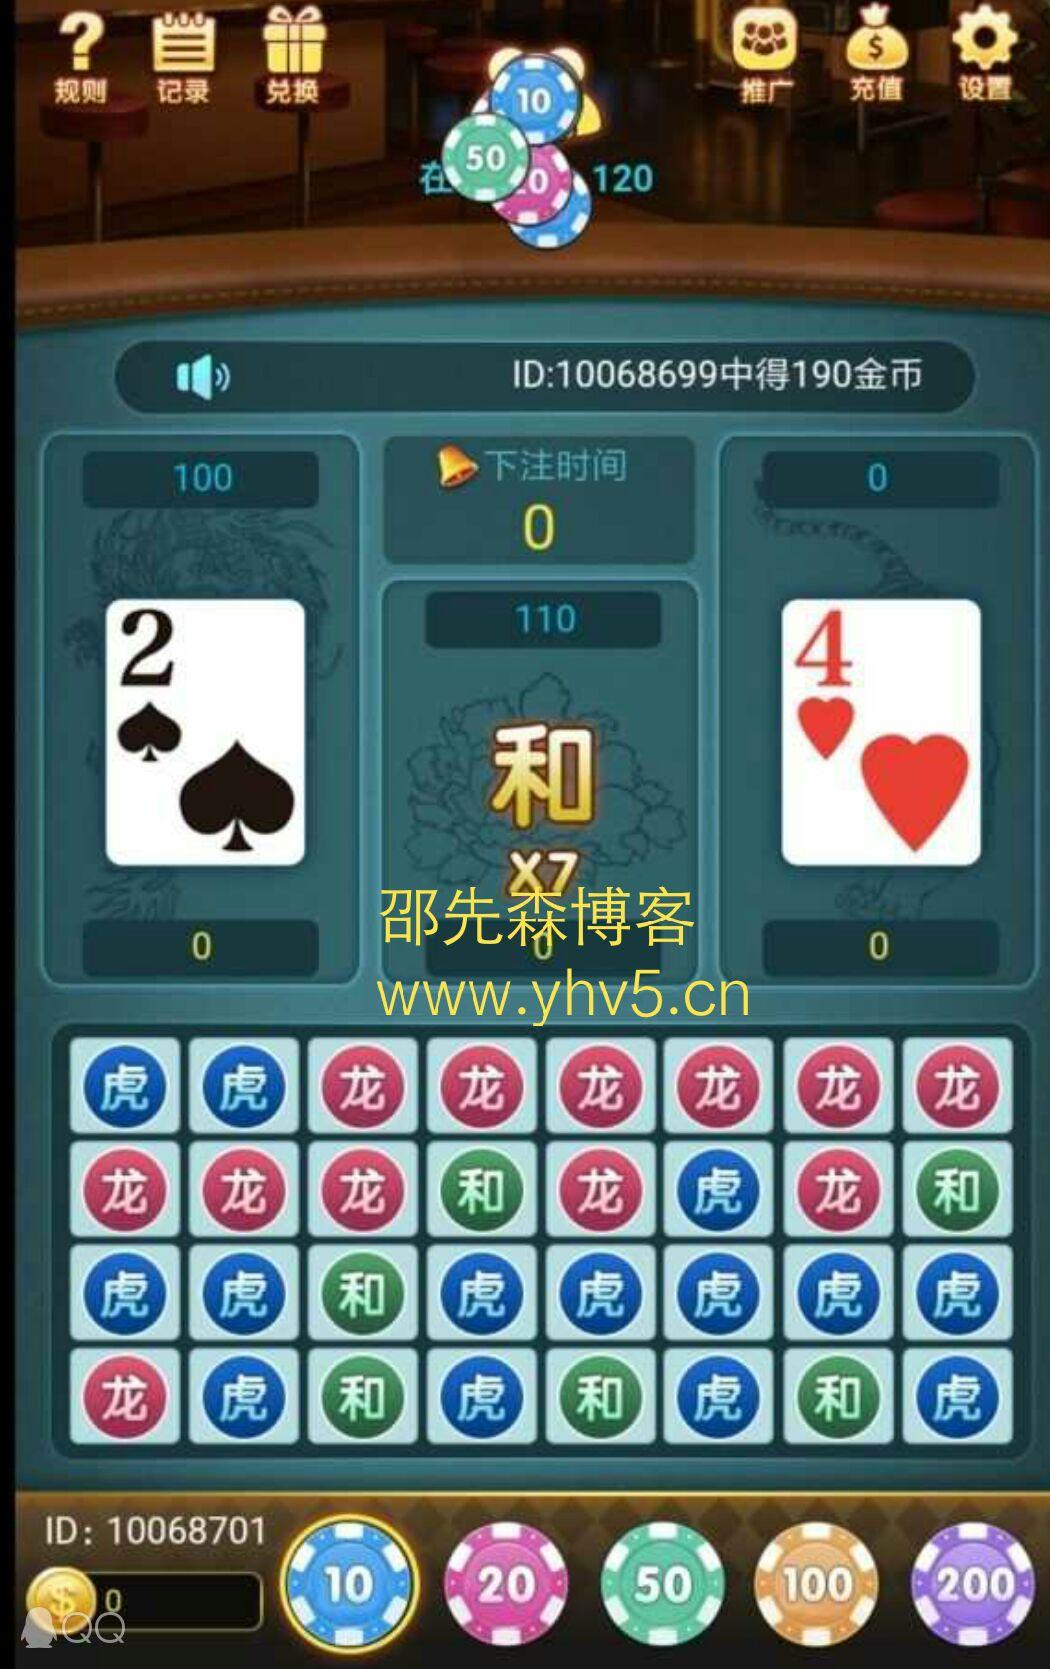 最新修复免公众号H5龙虎斗完整版源码+搭建教程 游戏源码 第2张